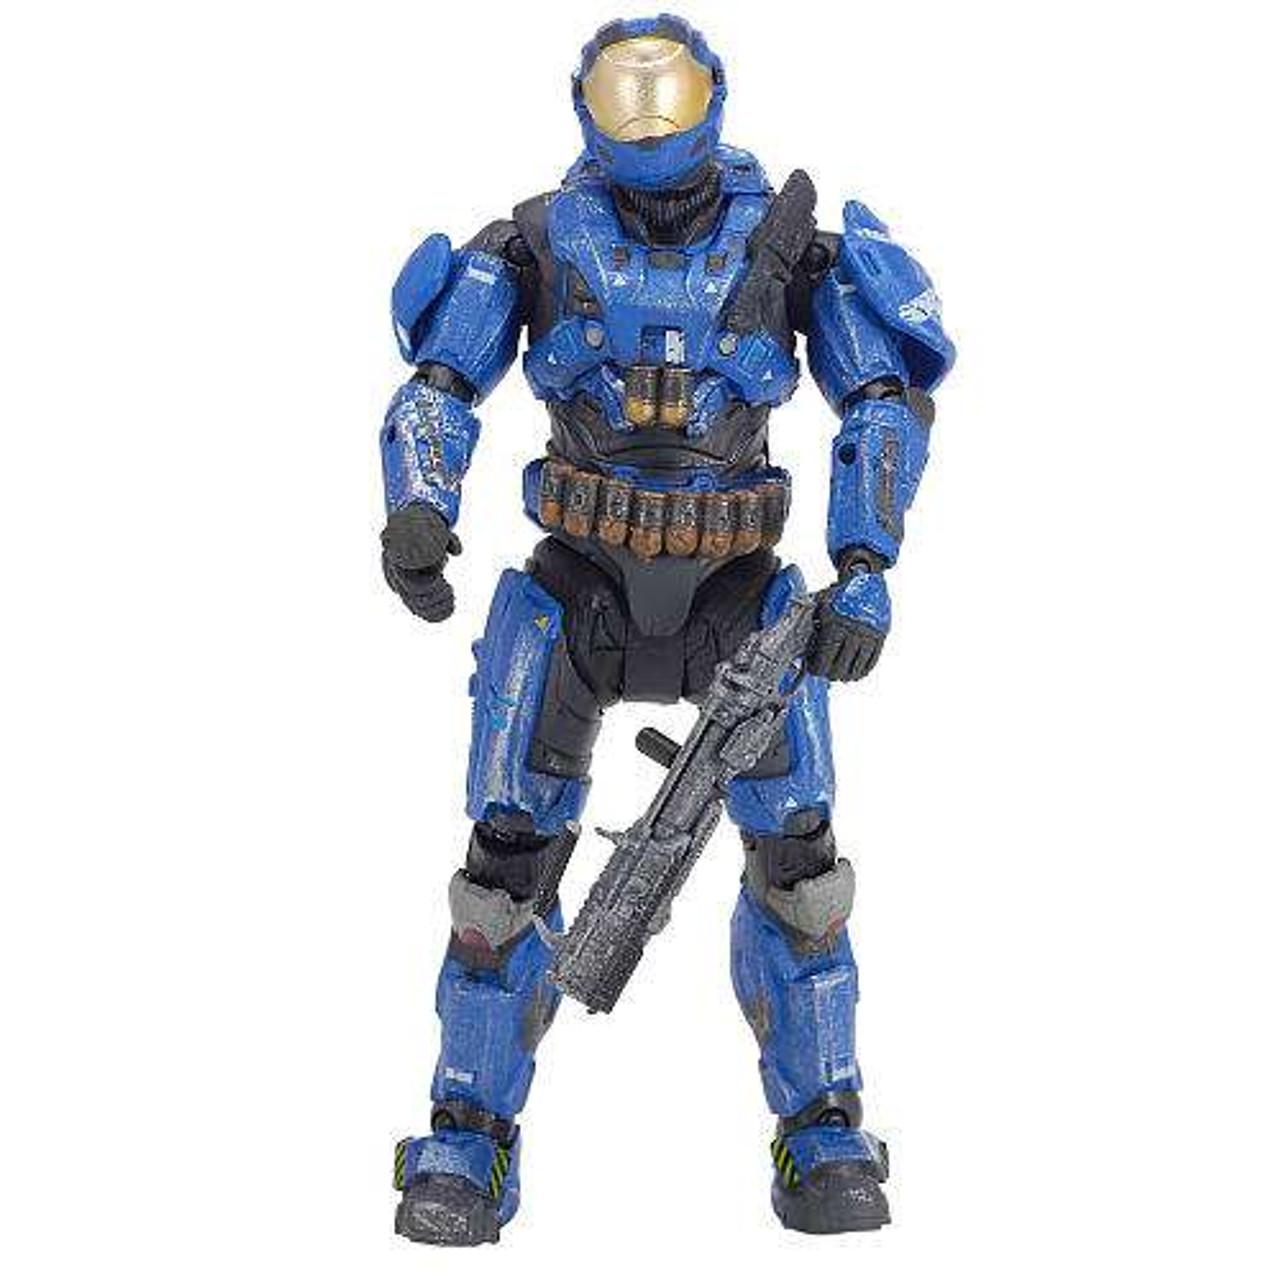 McFarlane Toys Halo Reach Halo Reach Series 5 Spartan